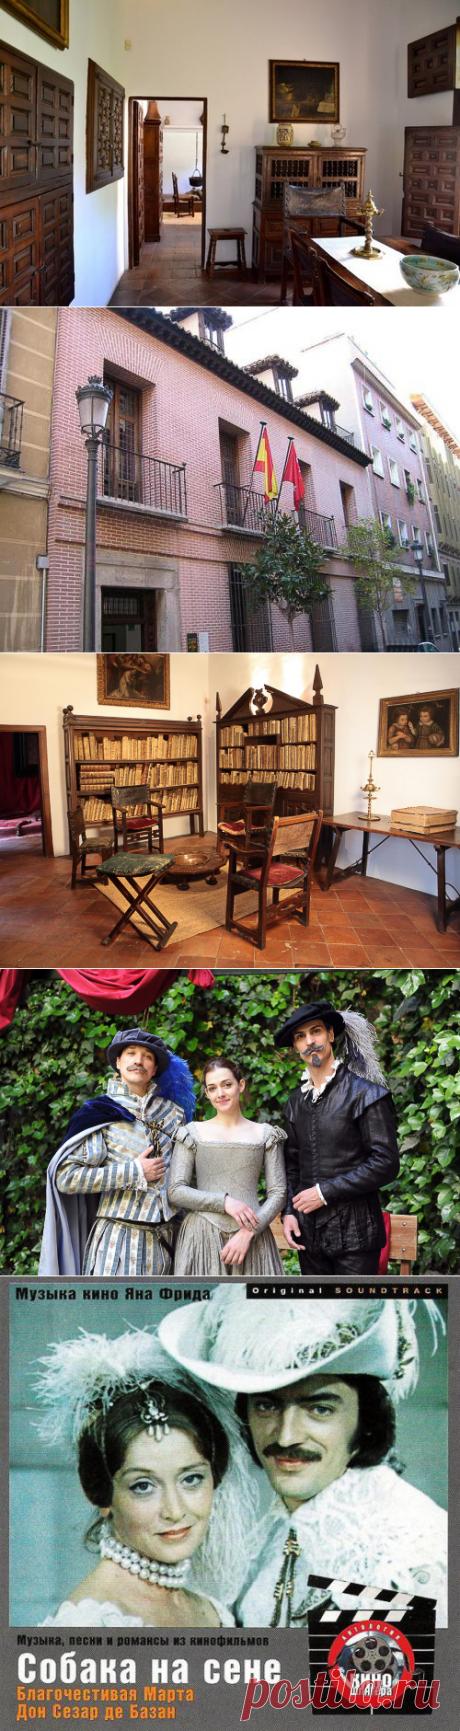 Экскурсии в Музеи Мадрида. Экскурсия в Дом-Музей Лопе де Вега